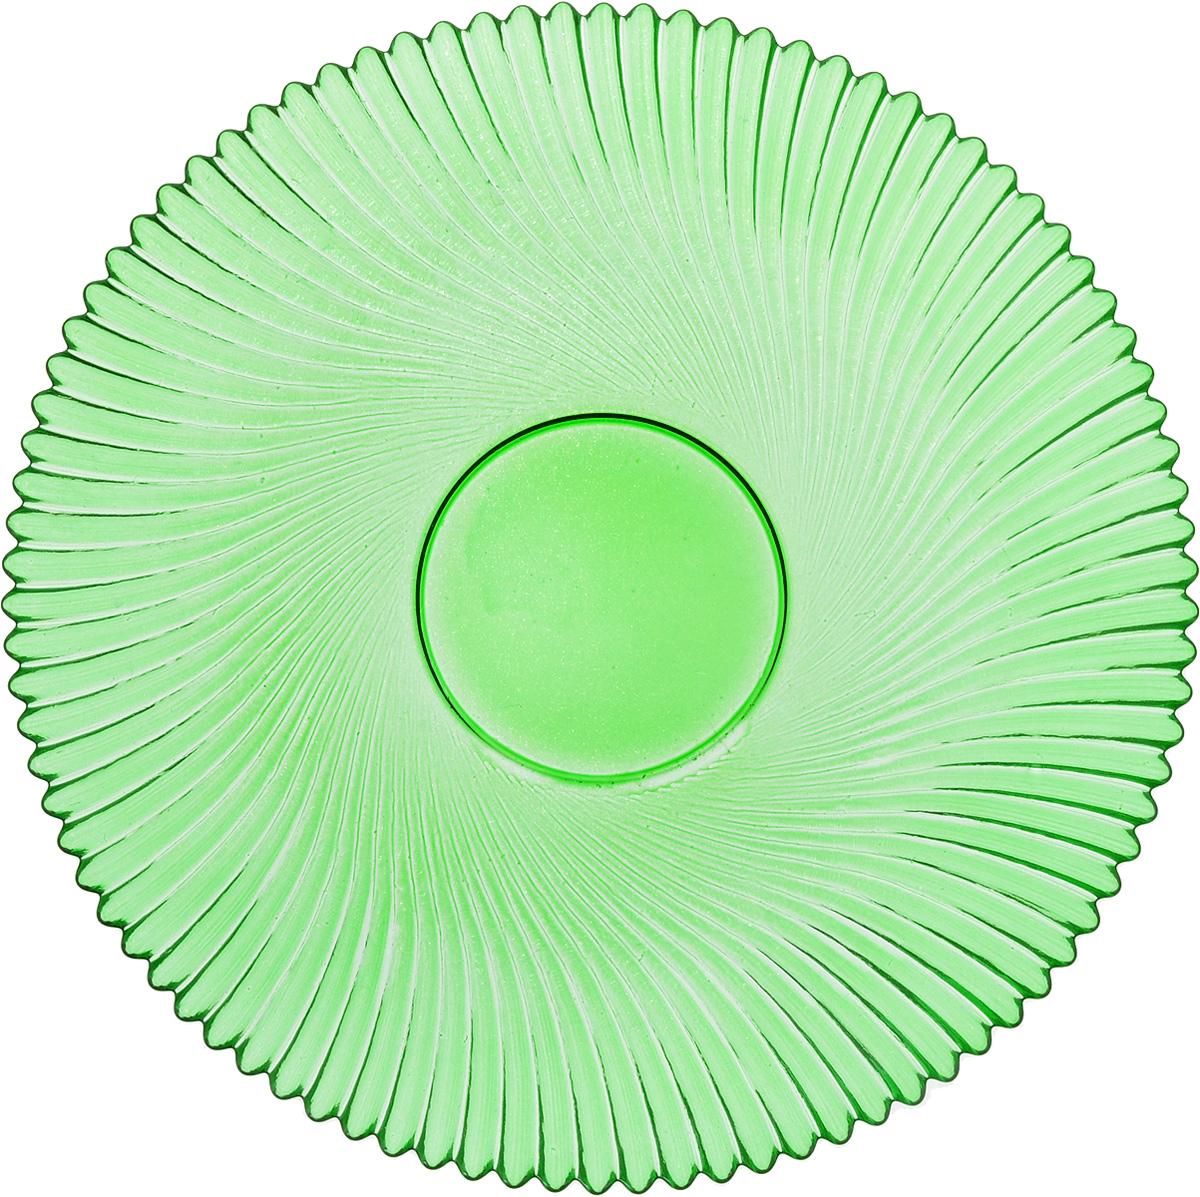 Тарелка NiNaGlass Альтера, цвет: зеленый, диаметр 21 см83-066-ф210 ЗЕЛТарелка NiNaGlass Альтера выполнена из высококачественного стекла и оформлена красивым рельефным узором. Тарелка идеальна для подачи вторых блюд, а также сервировки закусок, нарезок, десертов и многого другого. Она отлично подойдет как для повседневных, так и для торжественных случаев.Такая тарелка прекрасно впишется в интерьер вашей кухни и станет достойным дополнением к кухонному инвентарю.